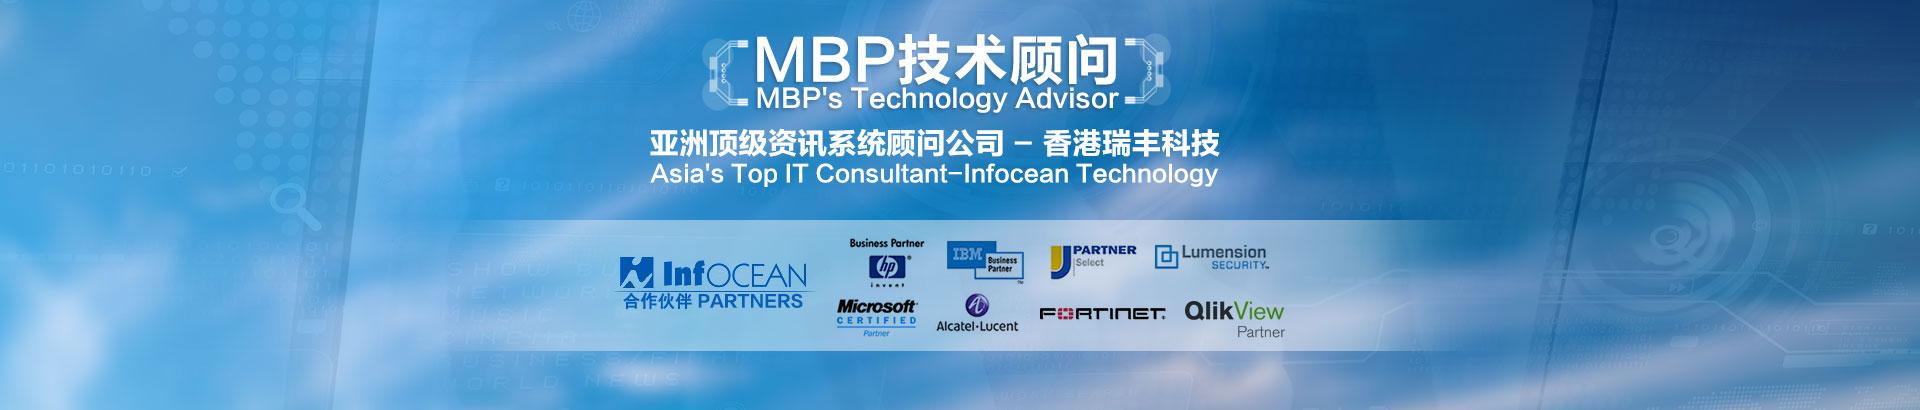 资讯系统顾问领导者Infocean正式成为MBP技术顾问